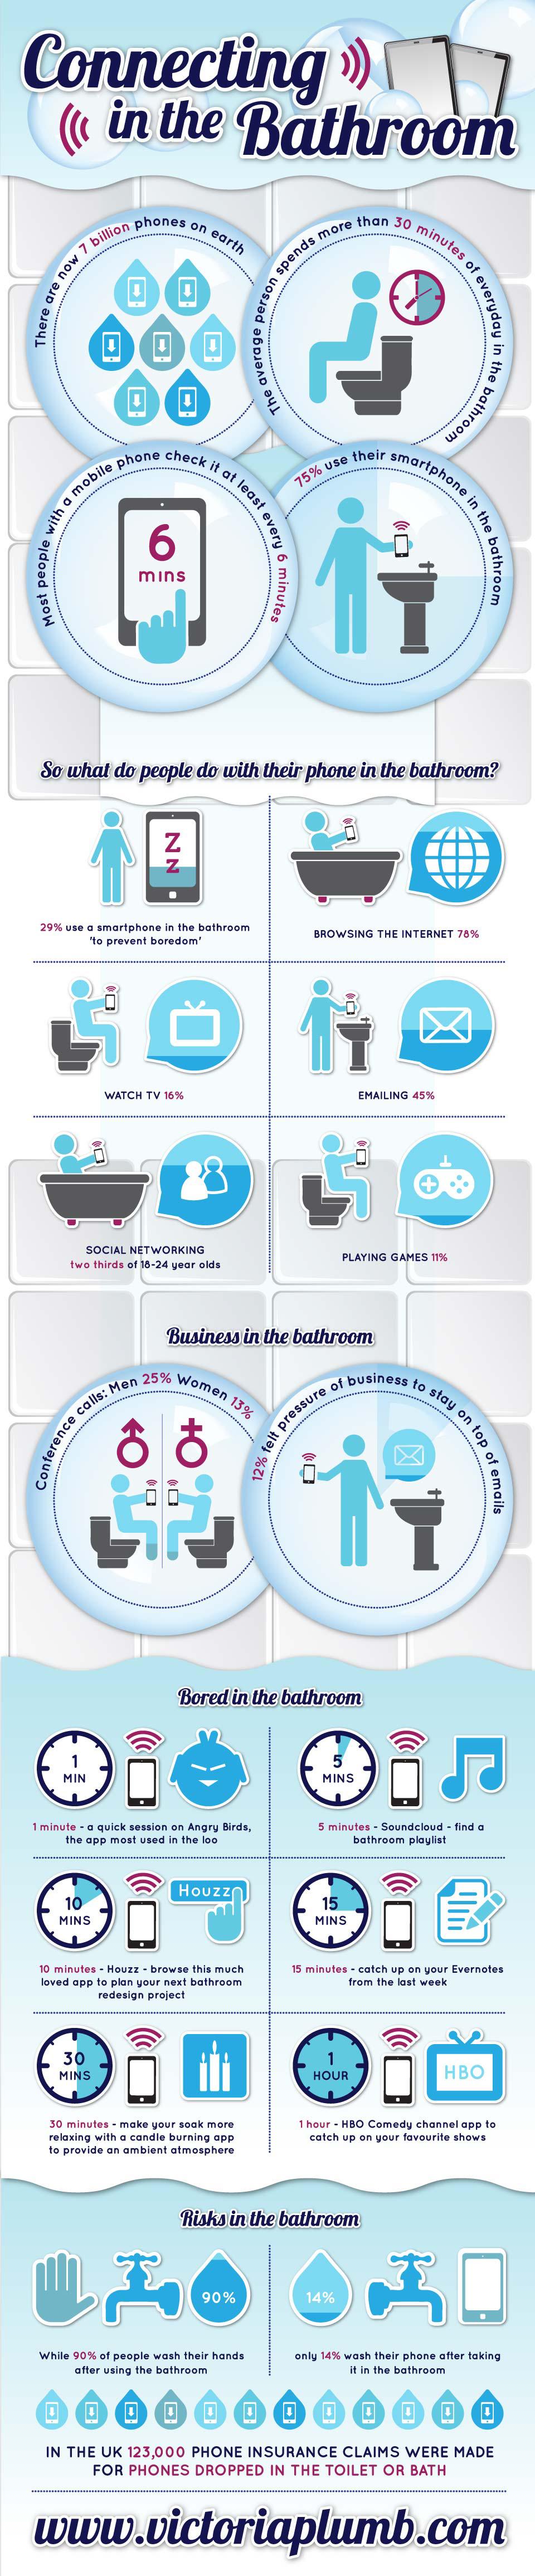 using-smartphones-in-the-bathroom